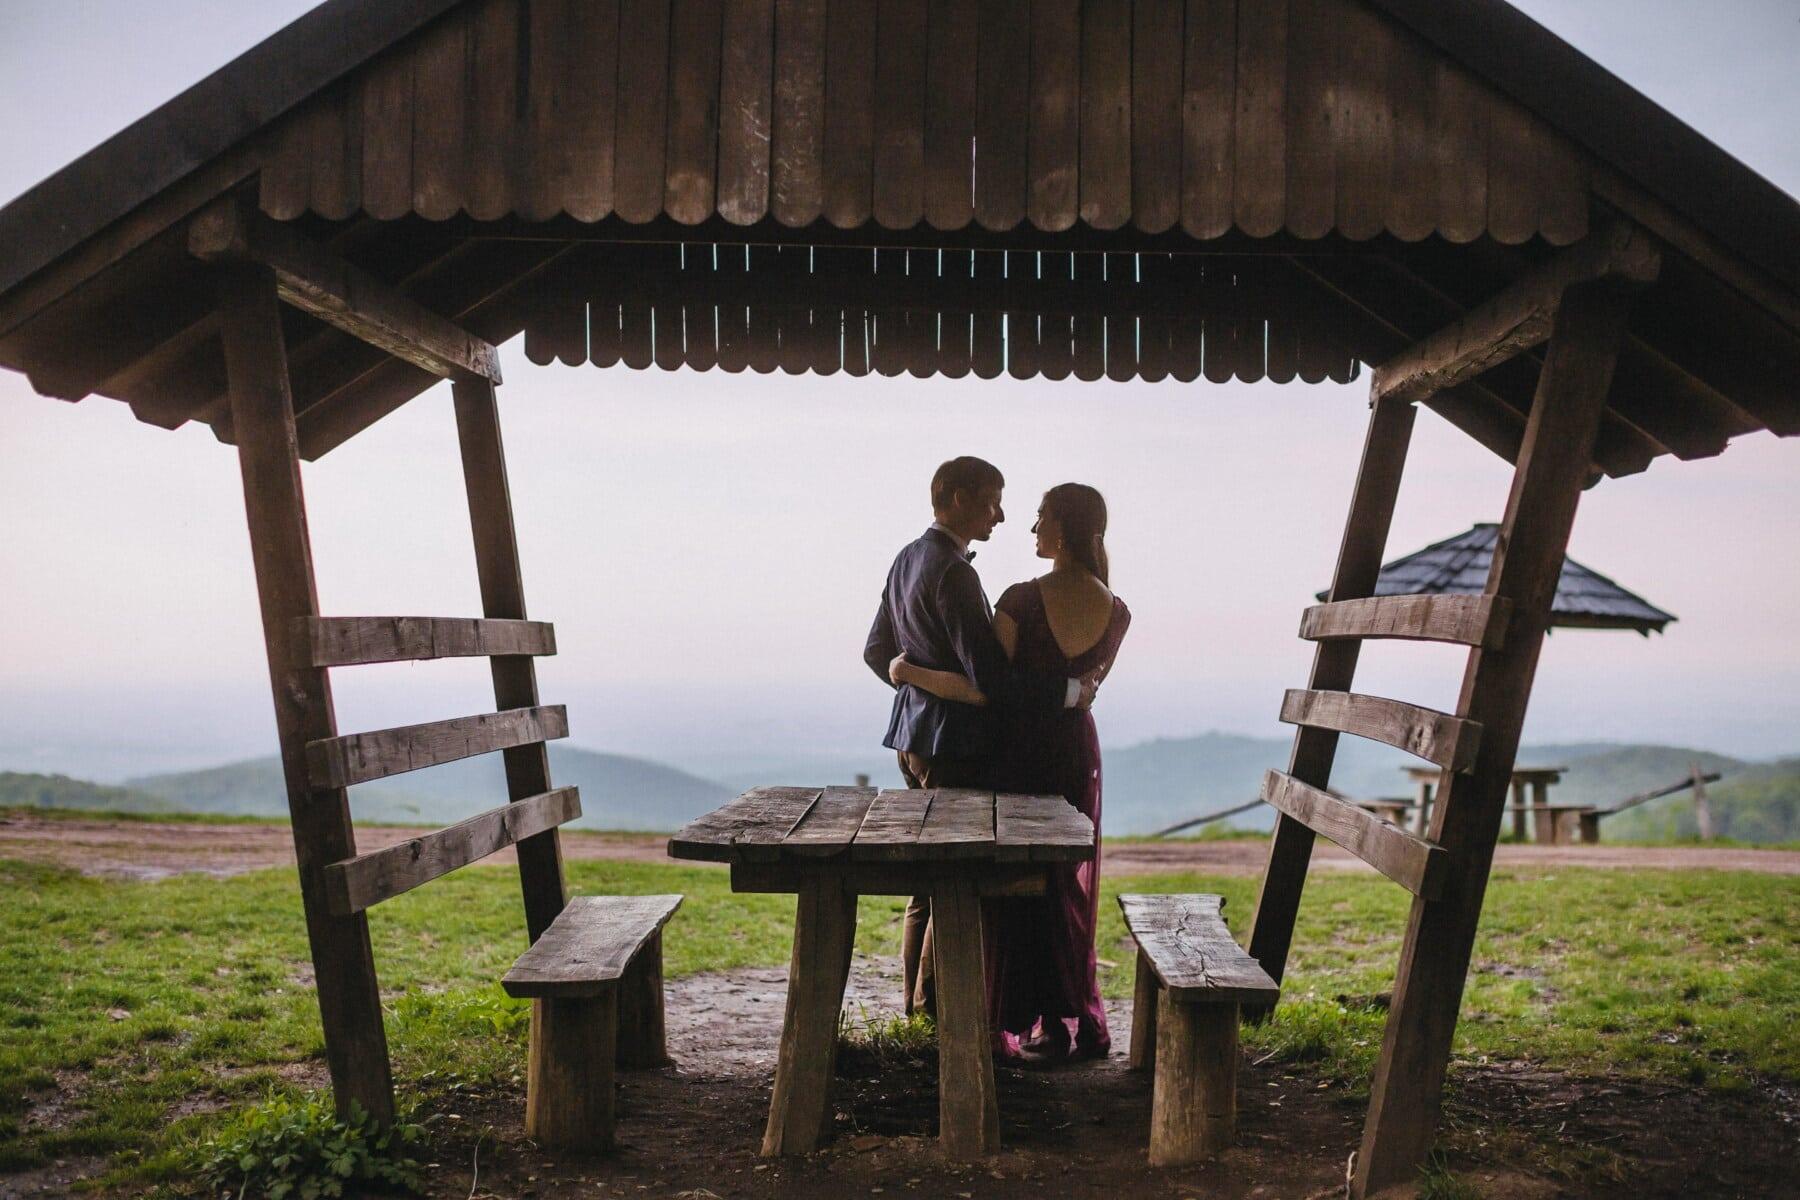 amant, romantique, amour, date d'amour, randonnée, campagne, village, zone de villégiature, gens, jeune fille